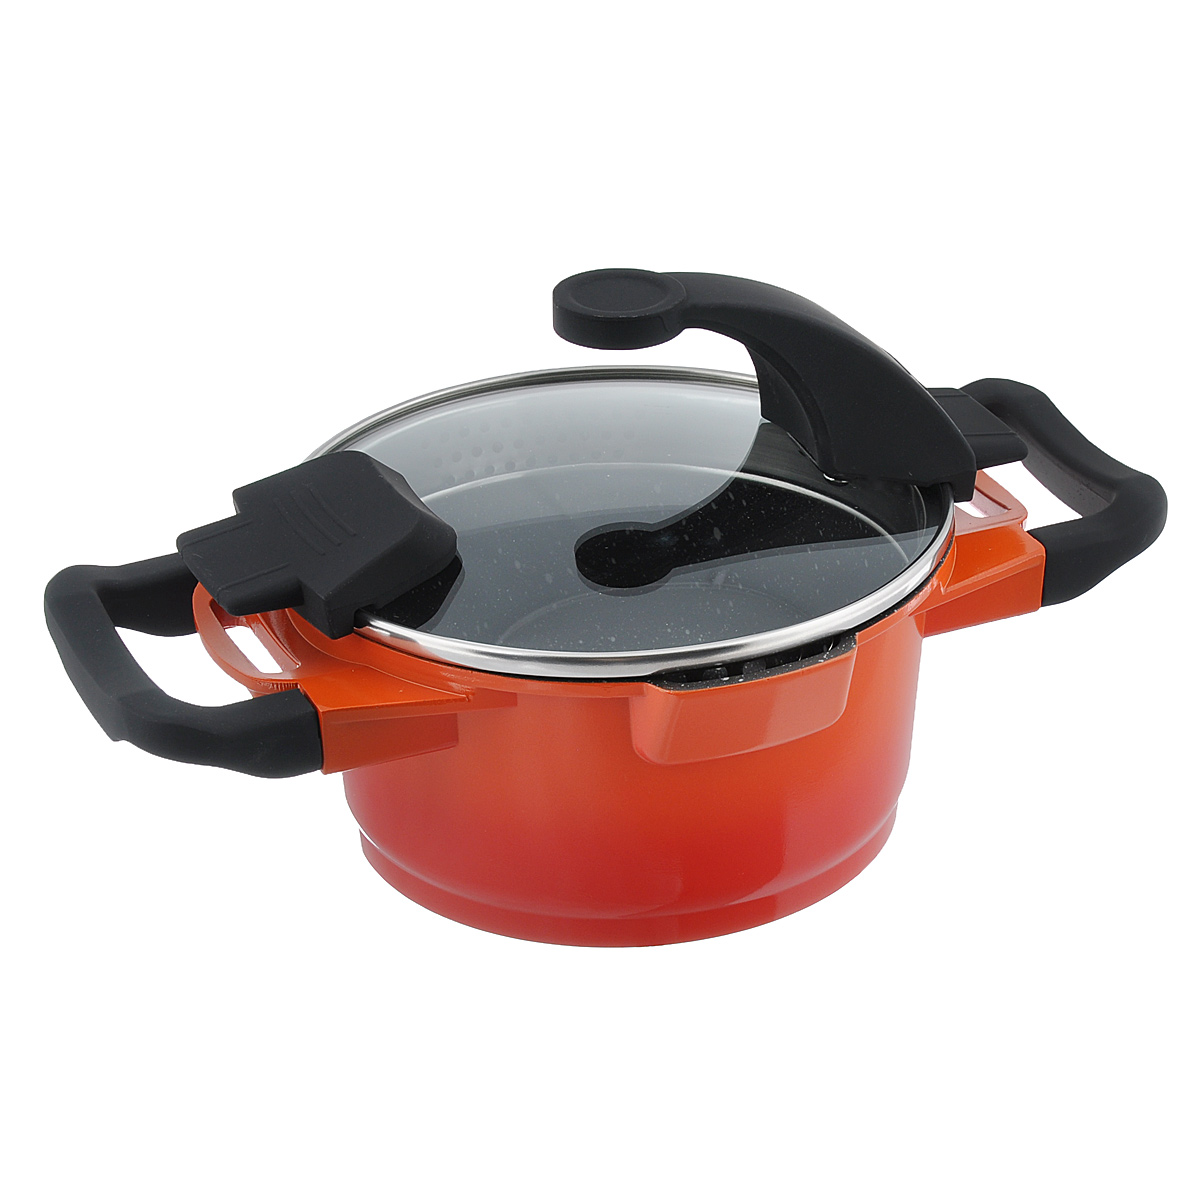 Кастрюля BergHOFF Virgo Orange с крышкой, с антипригарным покрытием, цвет: оранжево-красный, 1,5 л2304900Кастрюля BergHOFF Virgo Orange изготовлена из литого алюминия, который имеет эффект чугунной посуды. В отличие от чугуна, посуда из алюминия легче по весу и быстро нагревается, что гарантирует сбережение энергии. Внутреннее покрытие - экологически безопасное антипригарное покрытие Ferno Green, которое не содержит ни свинца, ни кадмия. Антипригарные свойства посуды позволяют готовить без жира и подсолнечного масла или с его малым количеством. Ручки выполнены из бакелита с покрытием Soft-touch, они имеют комфортную эргономичную форму и не нагреваются в процессе эксплуатации. Крышка изготовлена из термостойкого стекла, благодаря чему можно наблюдать за ингредиентами в процессе приготовления. Широкий металлический обод со специальными отверстиями разного диаметра позволяет выливать жидкость, не снимая крышку. Подходит для всех типов плит, включая индукционные. Рекомендуется мыть вручную. Диаметр кастрюли (по верхнему краю): 16 см. Ширина кастрюли (с учетом ручек): 28,5 см.Высота стенки: 8,5 см. Толщина стенки: 3 мм. Толщина дна: 5 мм.